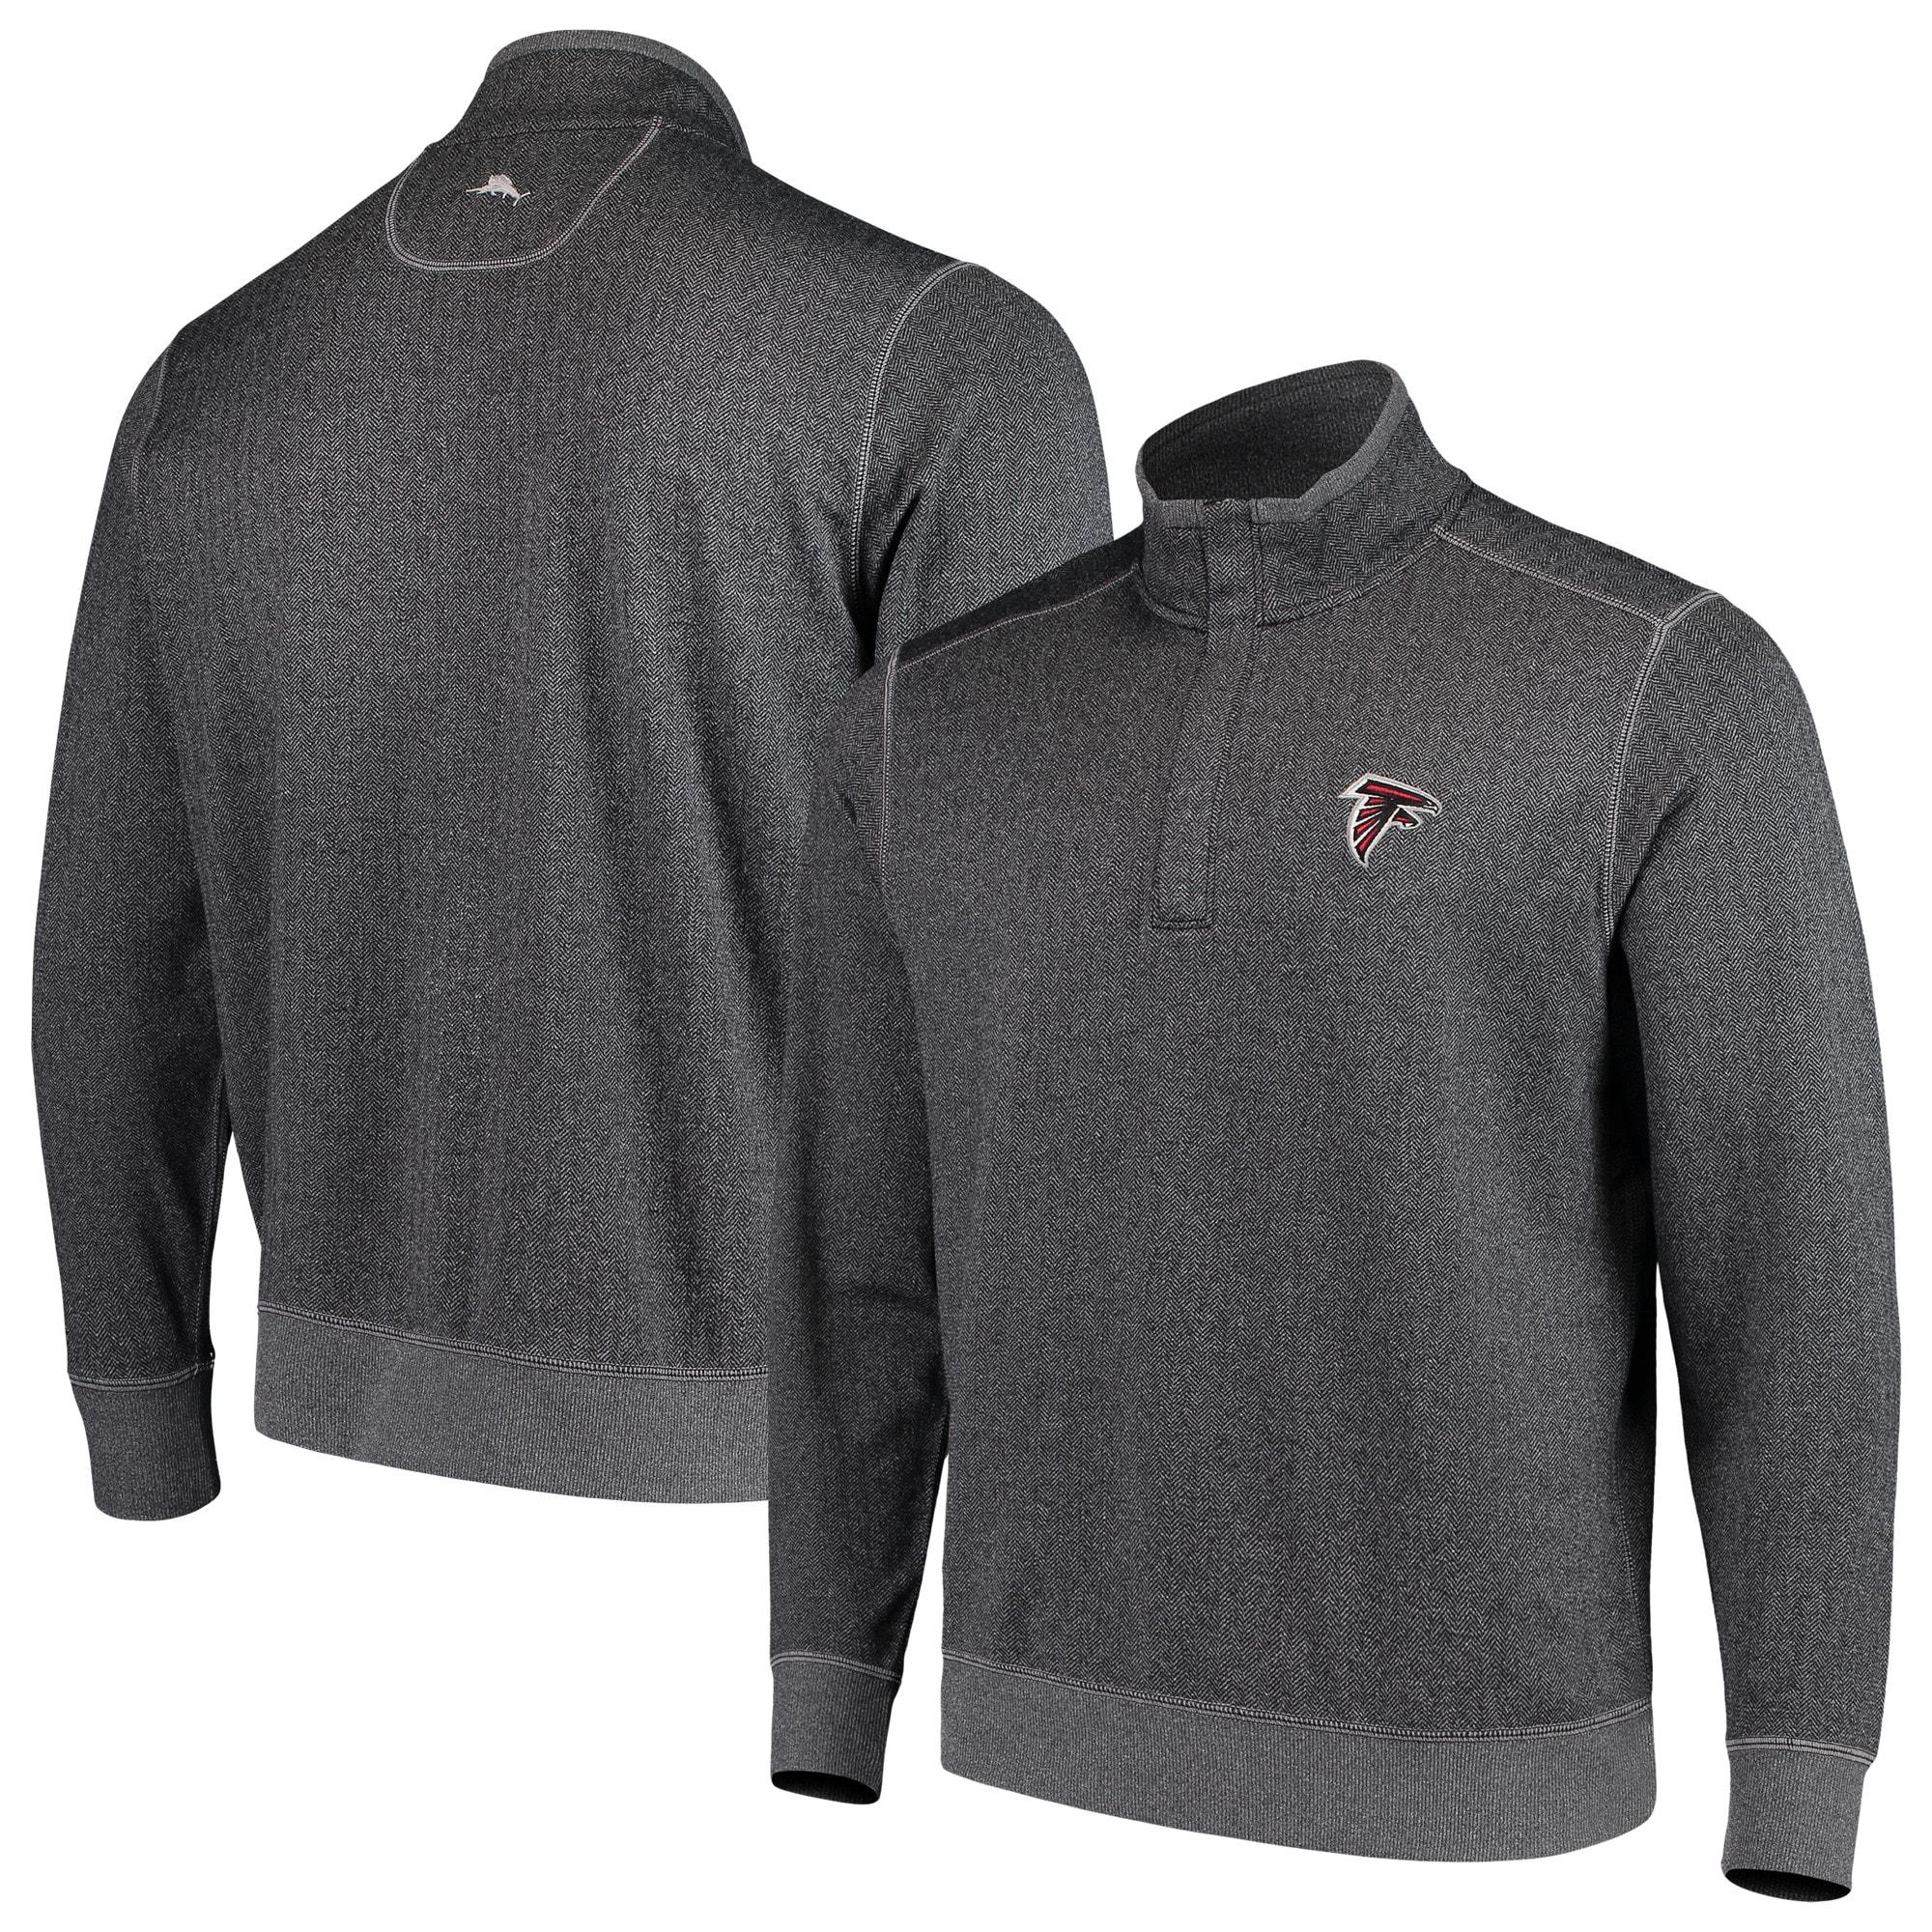 Atlanta Falcons Tommy Bahama ProFormance Half-Zip Pullover Jacket - Heathered Charcoal